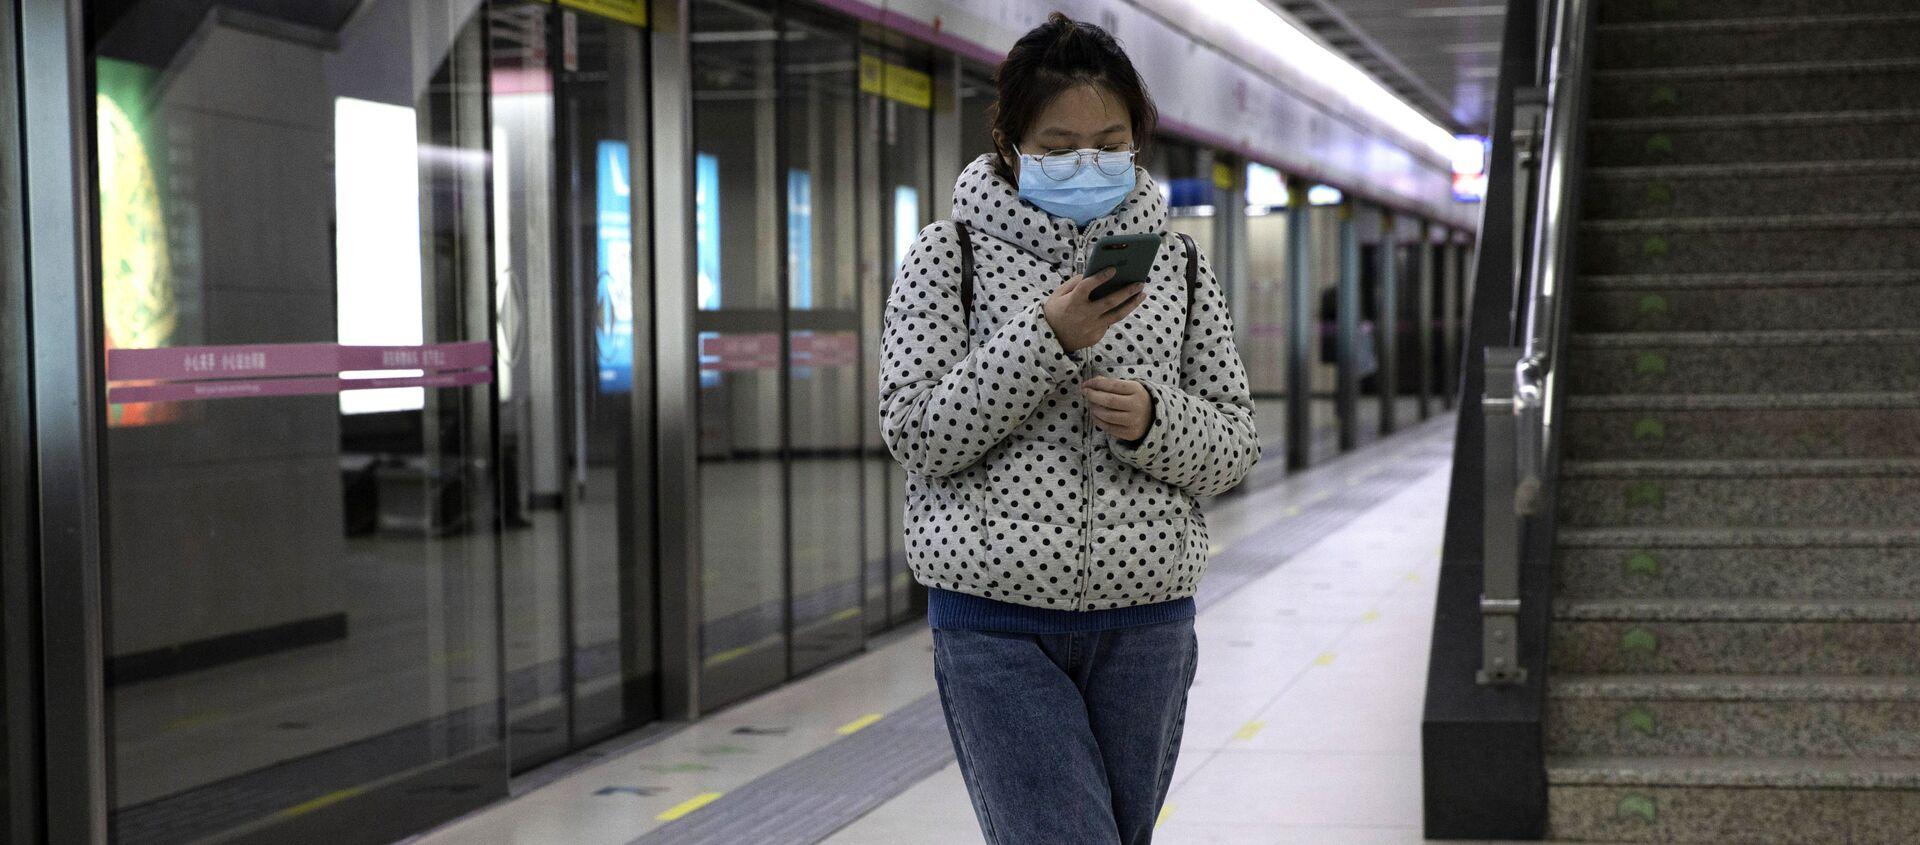 Cô gái với chiếc điện thoại thông minh ở ga tàu điện ngầm Vũ Hán. - Sputnik Việt Nam, 1920, 10.02.2021